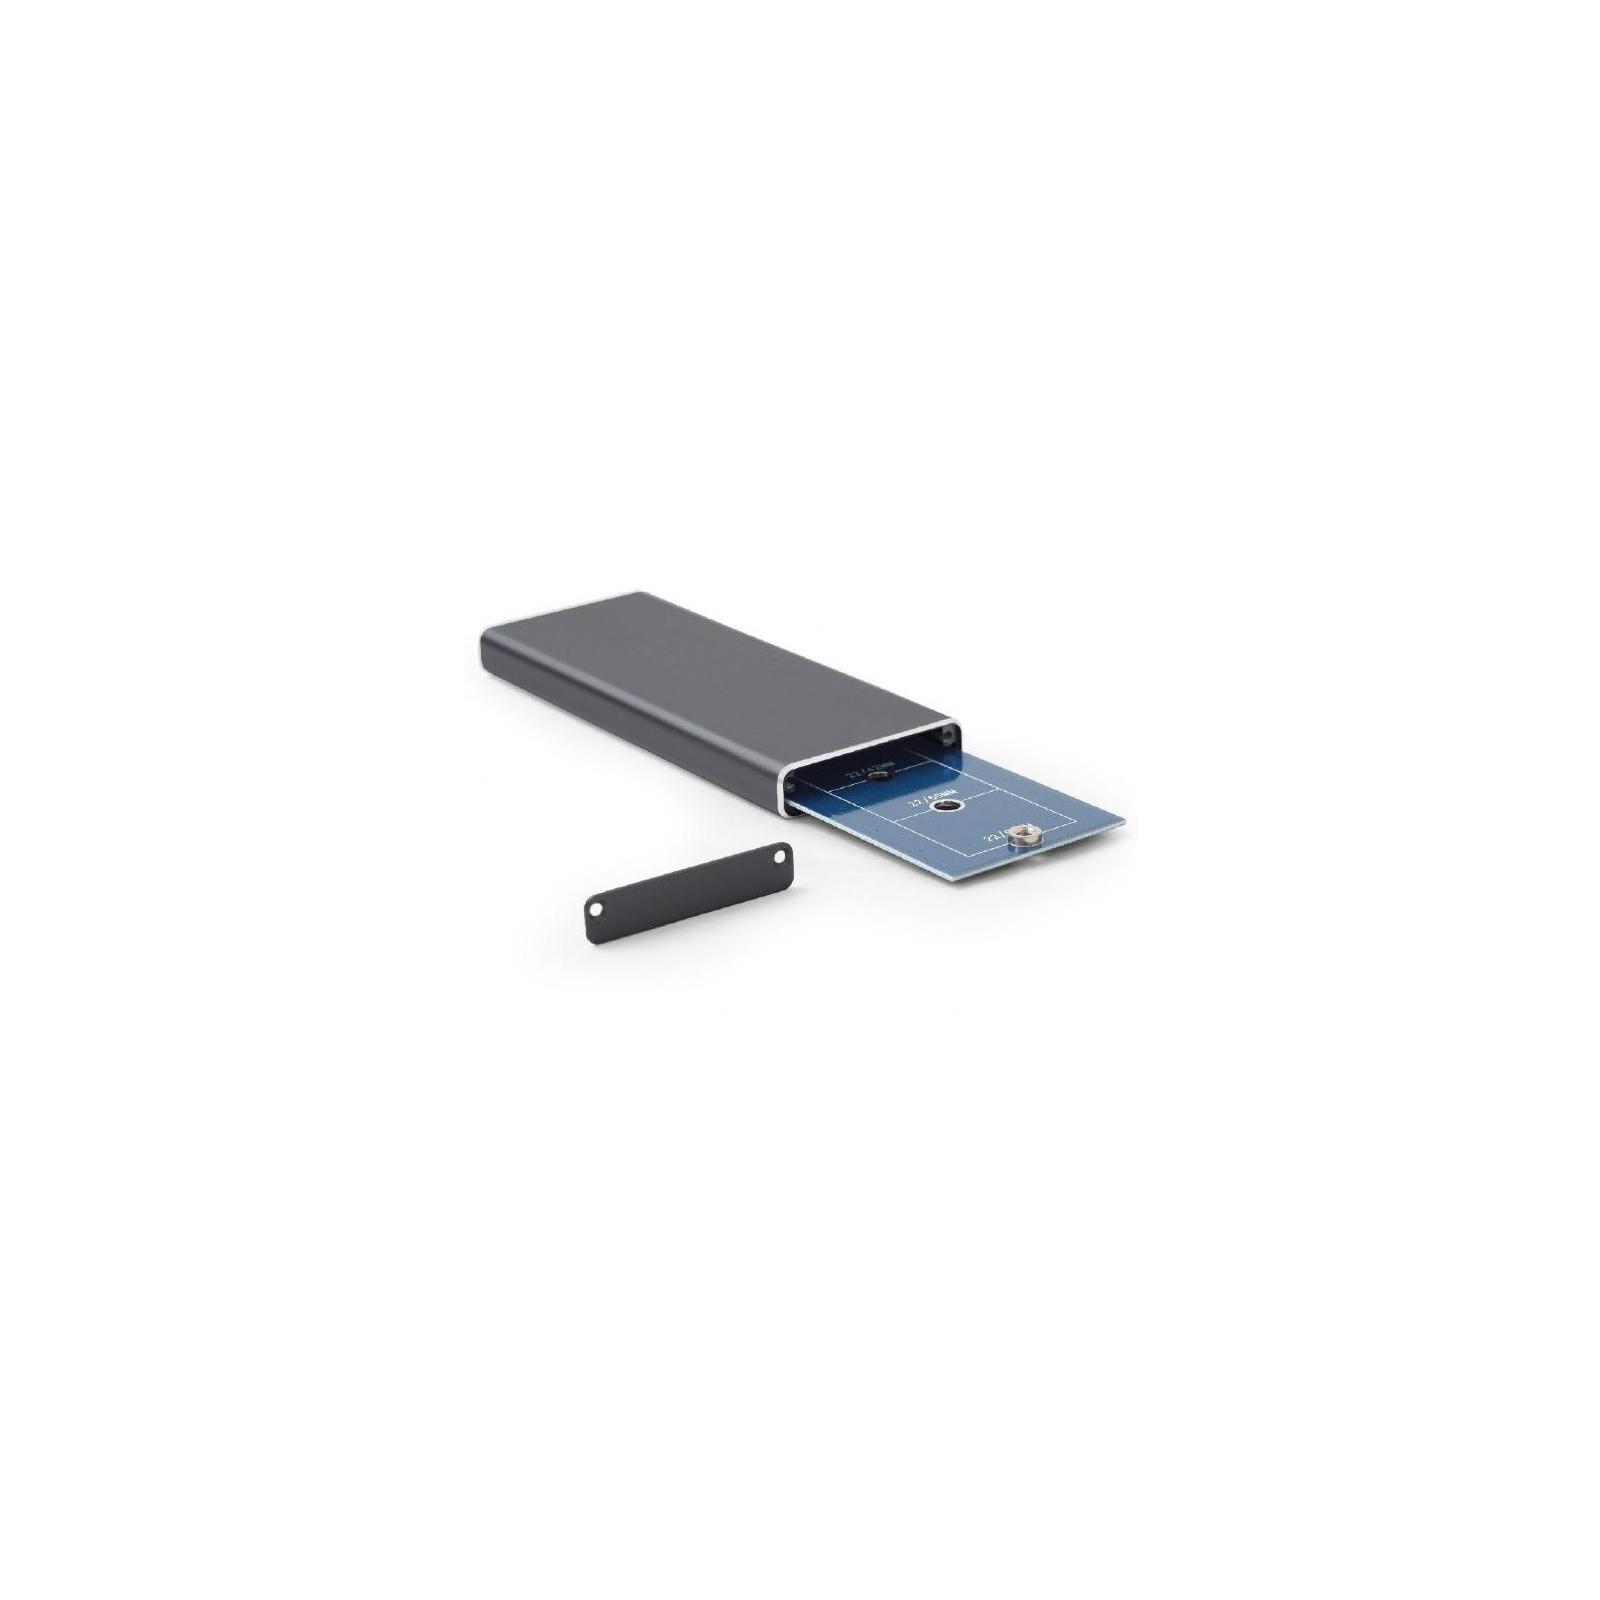 Карман внешний GEMBIRD M.2 (NGFF), USB3.0, черный (EE2280-U3C-01) изображение 2